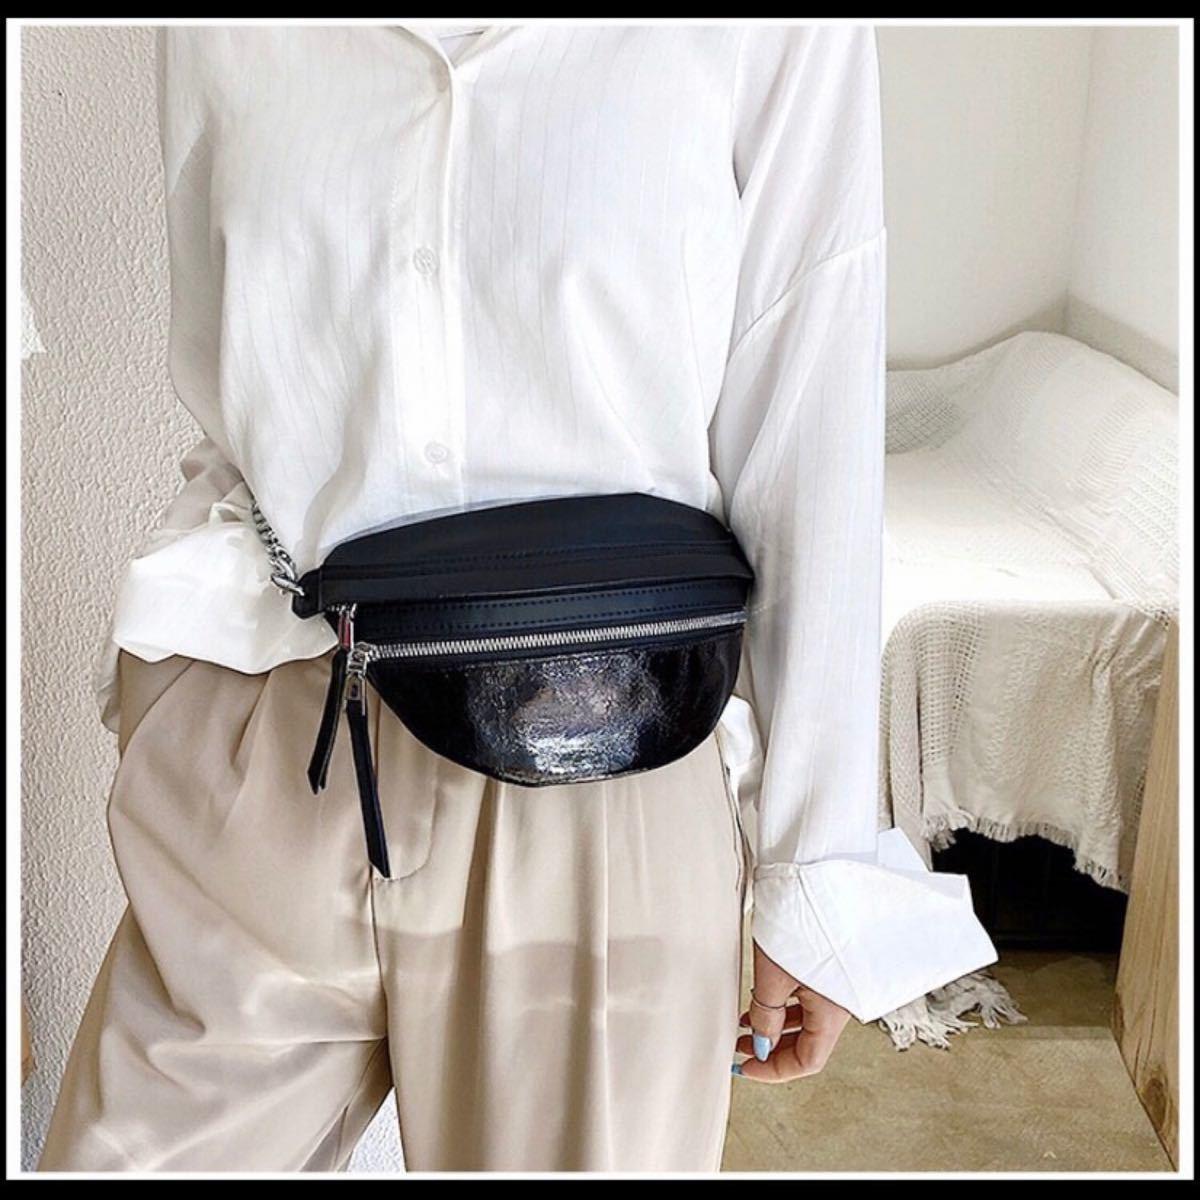 ウエストポーチ ボディーバッグ チェーン バッグ おしゃれ トレンド 新品 ショルダーバッグ ボディバッグ